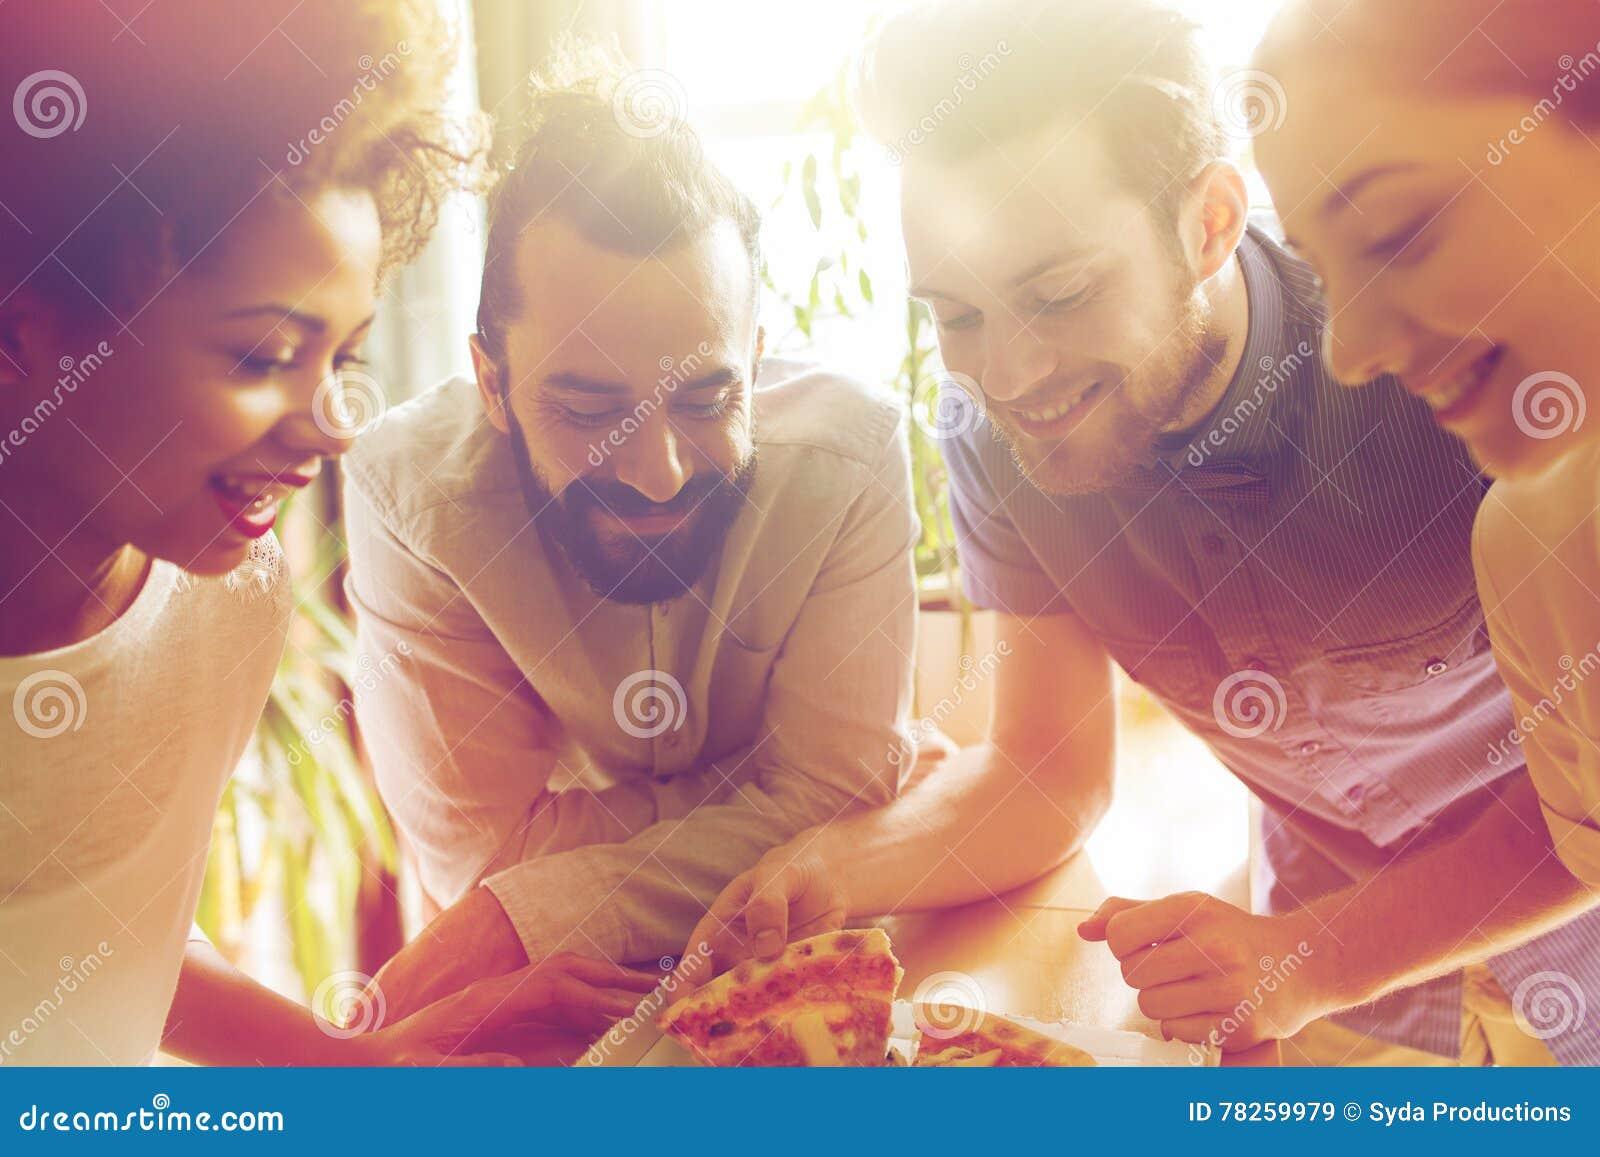 Ευτυχής επιχειρησιακή ομάδα που τρώει την πίτσα στην αρχή